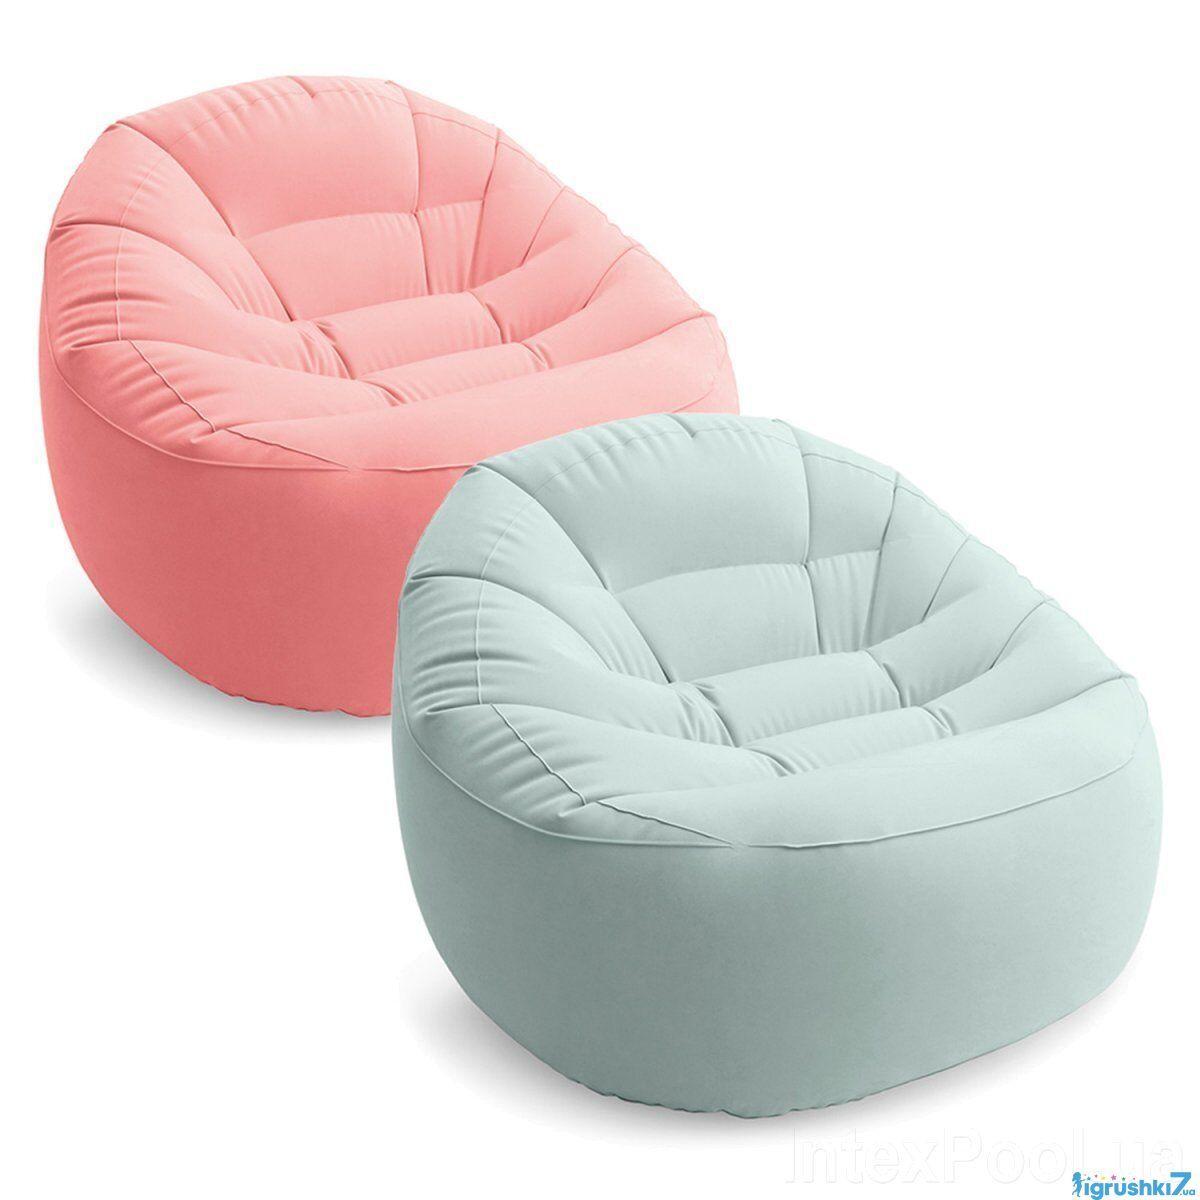 Intex Надувное кресло 68590 NP  2 цвета